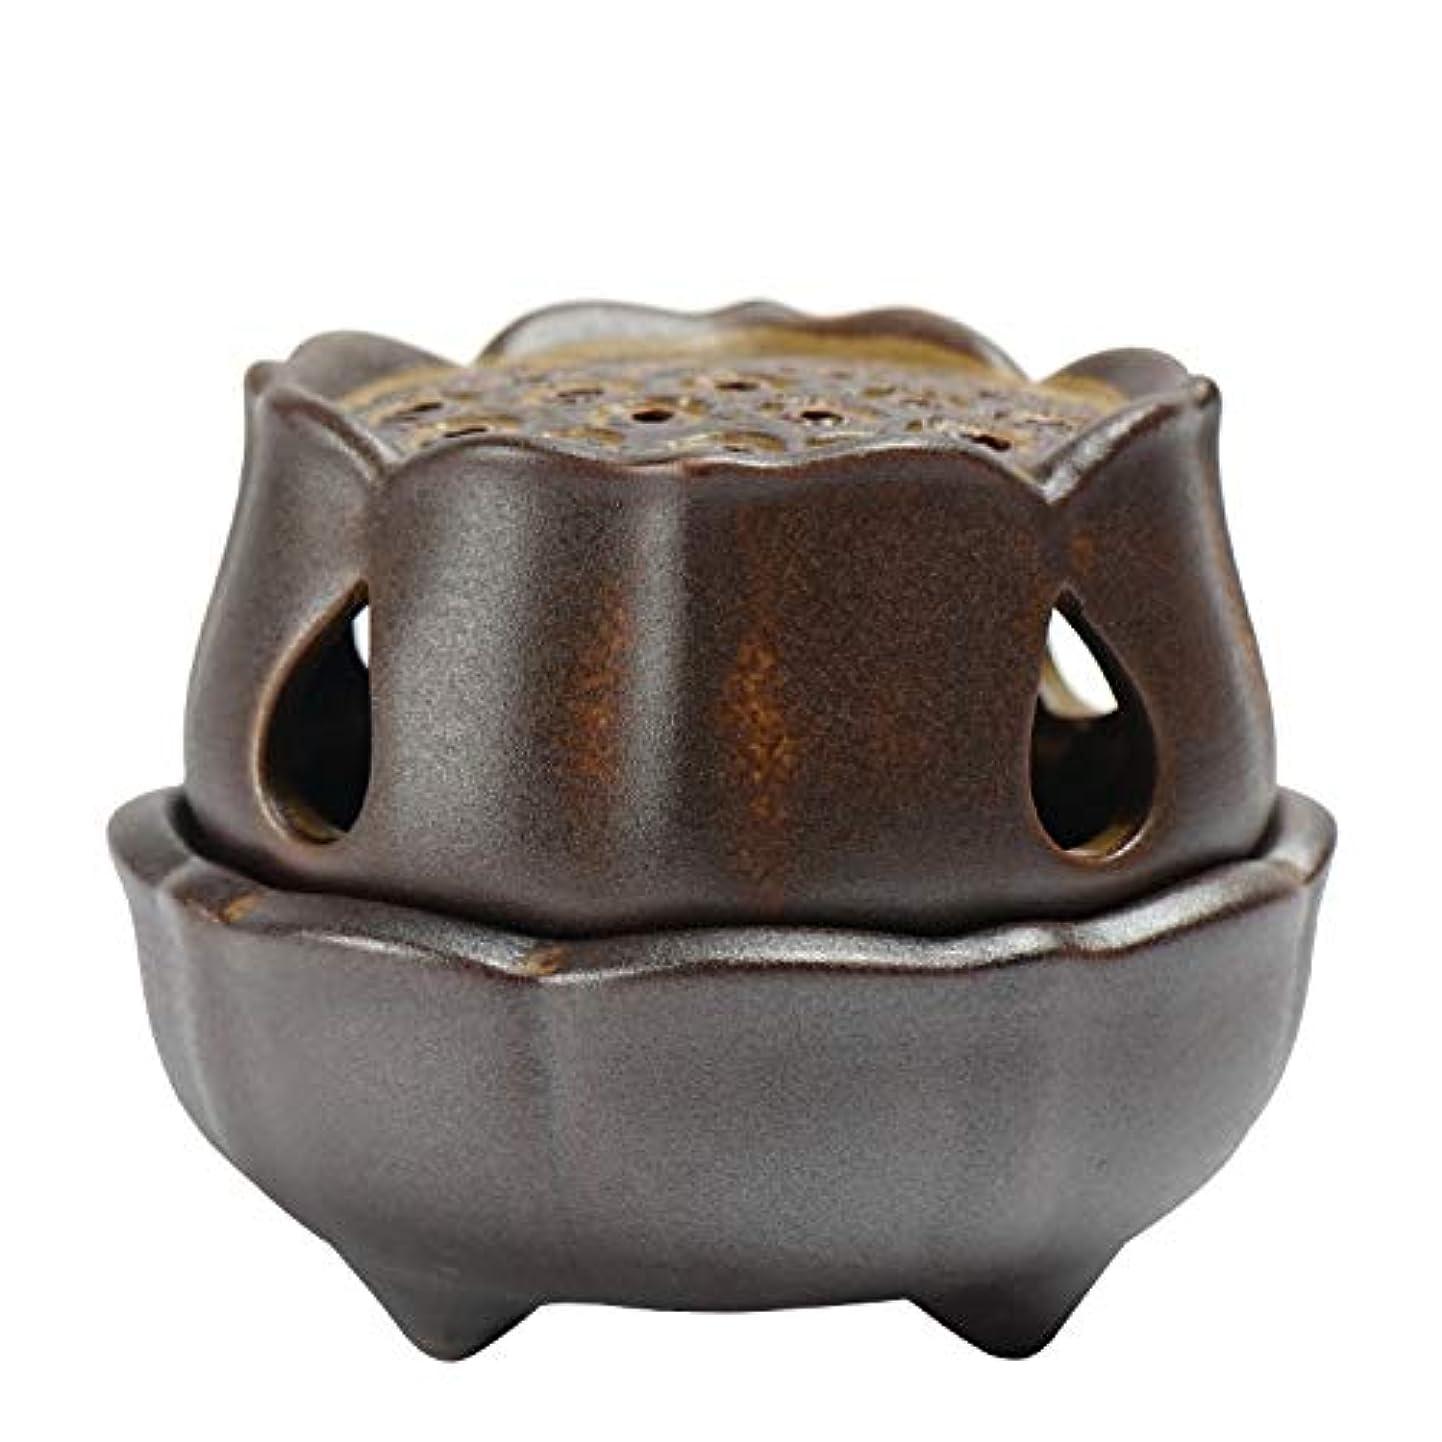 咲く擁するボイド仏の香のアロマセラピー炉9.5 * 8 * 7.3cmのための滝の背部香の棒家族の芳香バーナーの還流の蝋燭の棒の陶磁器